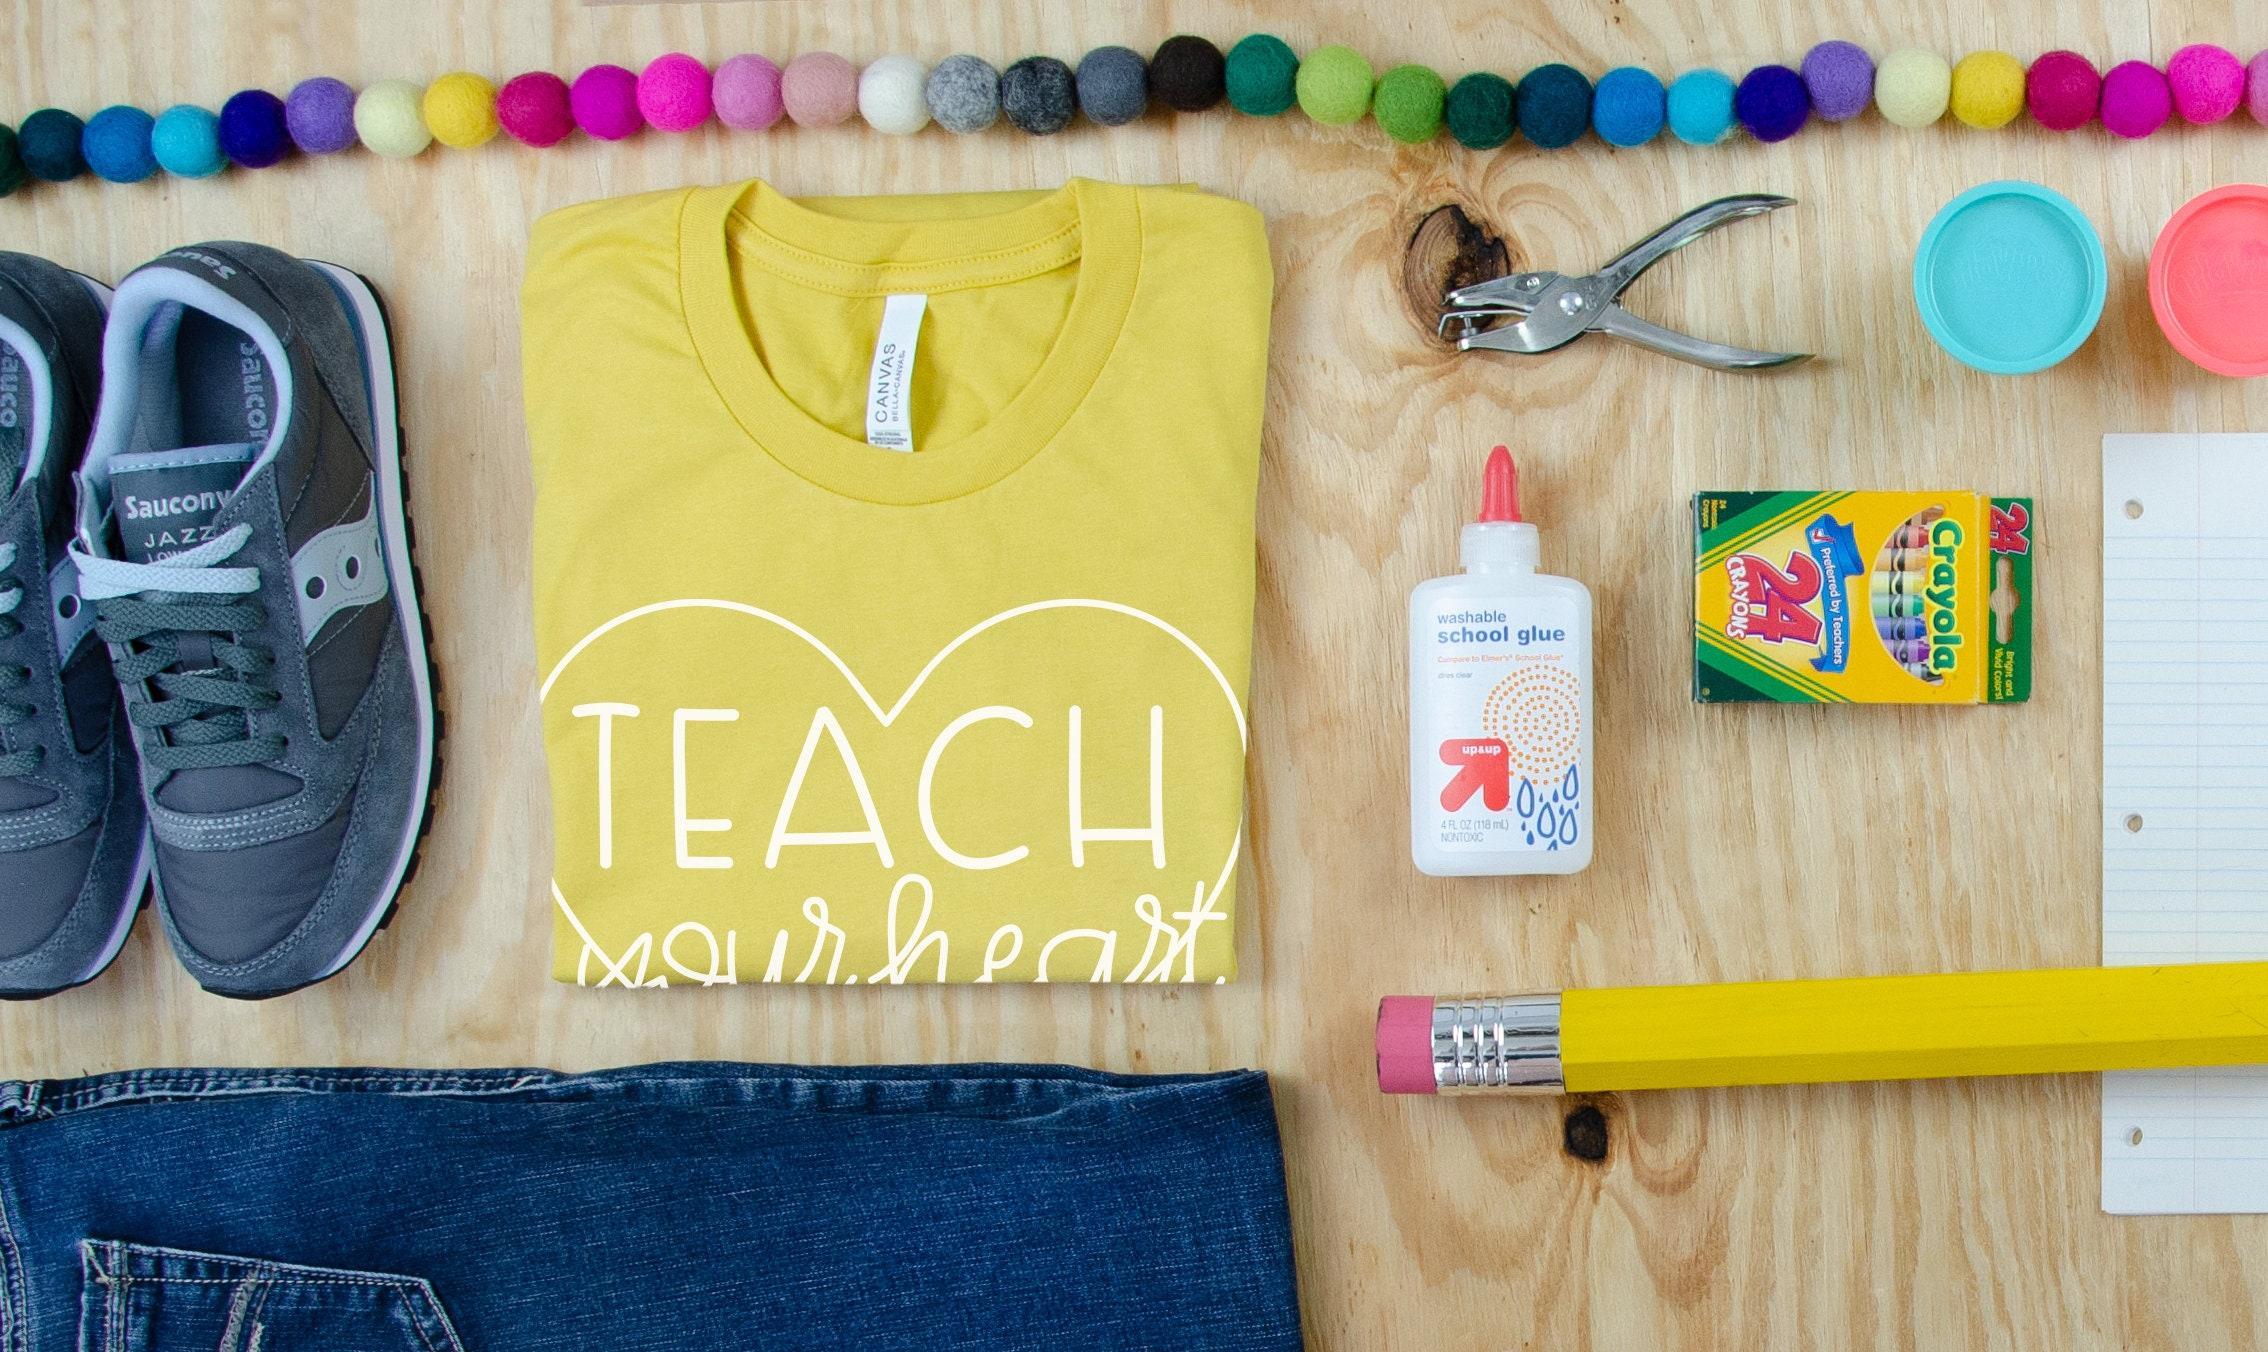 52279ed9f Pastels Teach Your Heart Out Teacher Tribe Grade Level Tshirt   First  Grade, Second Grade Teacher shirt   Teaching Tee